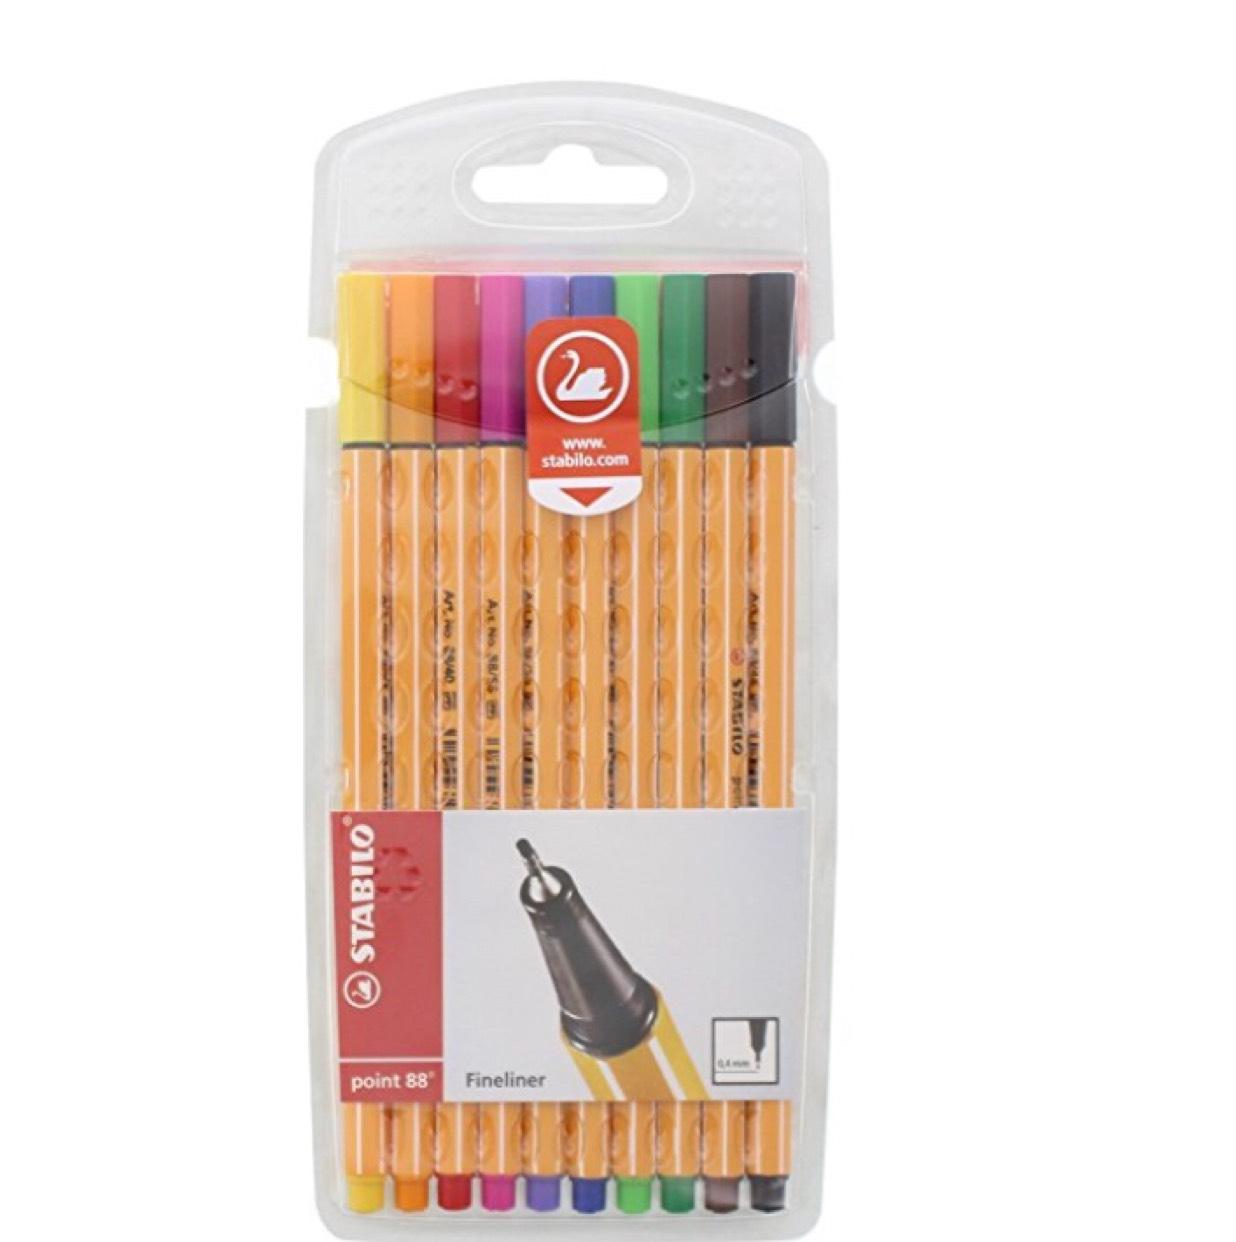 STABILO point 88 Fineliner, Multi-Colour, Wallet of 10 - £3.65 (Prime) £7.64 (Non Prime) @ Amazon